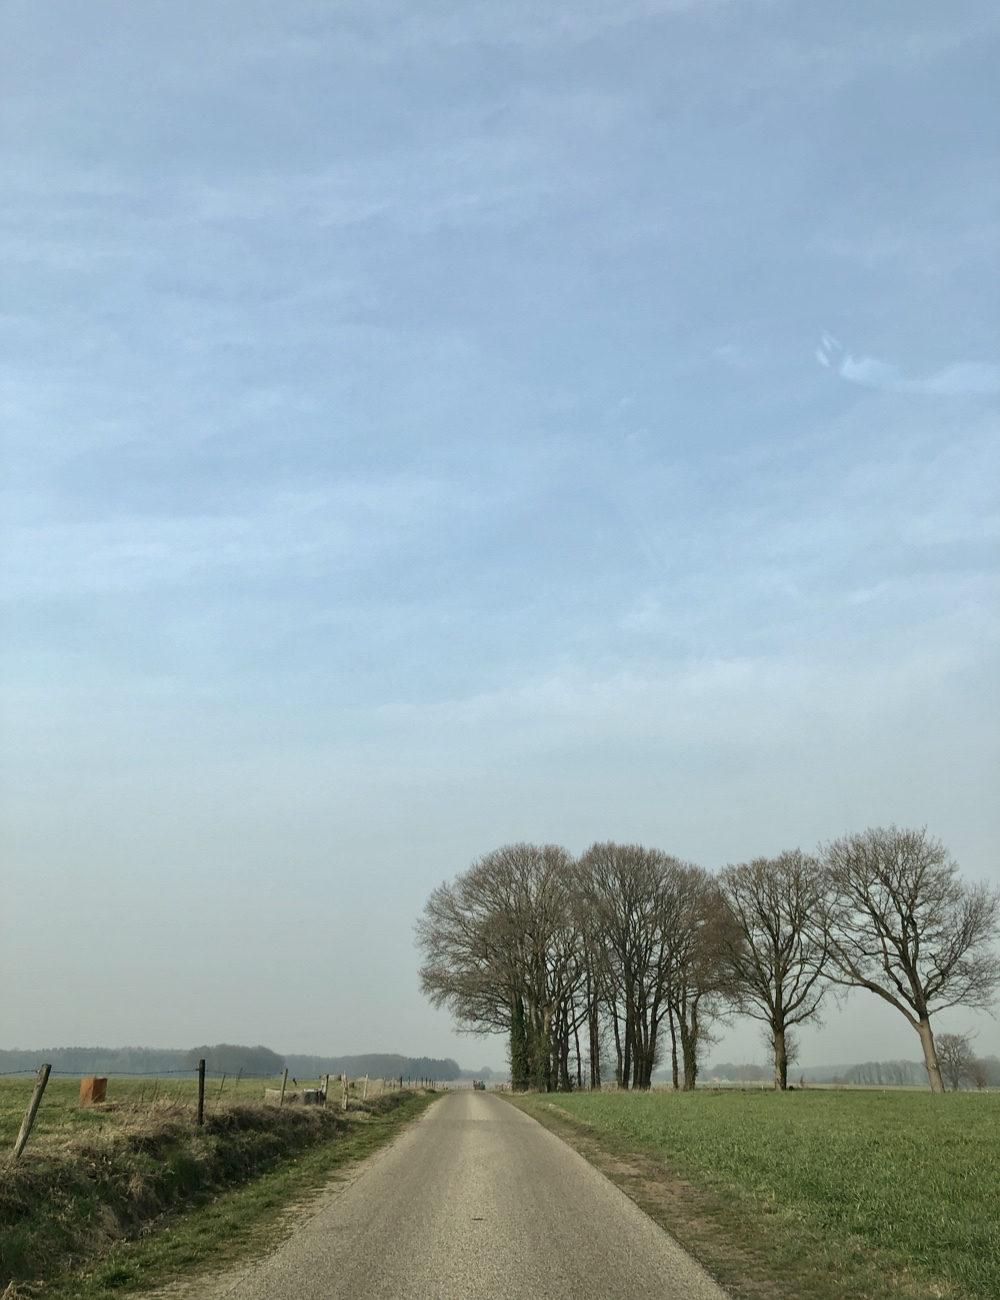 Landweggetje door de weilanden met aan de horizon een aantal bomen